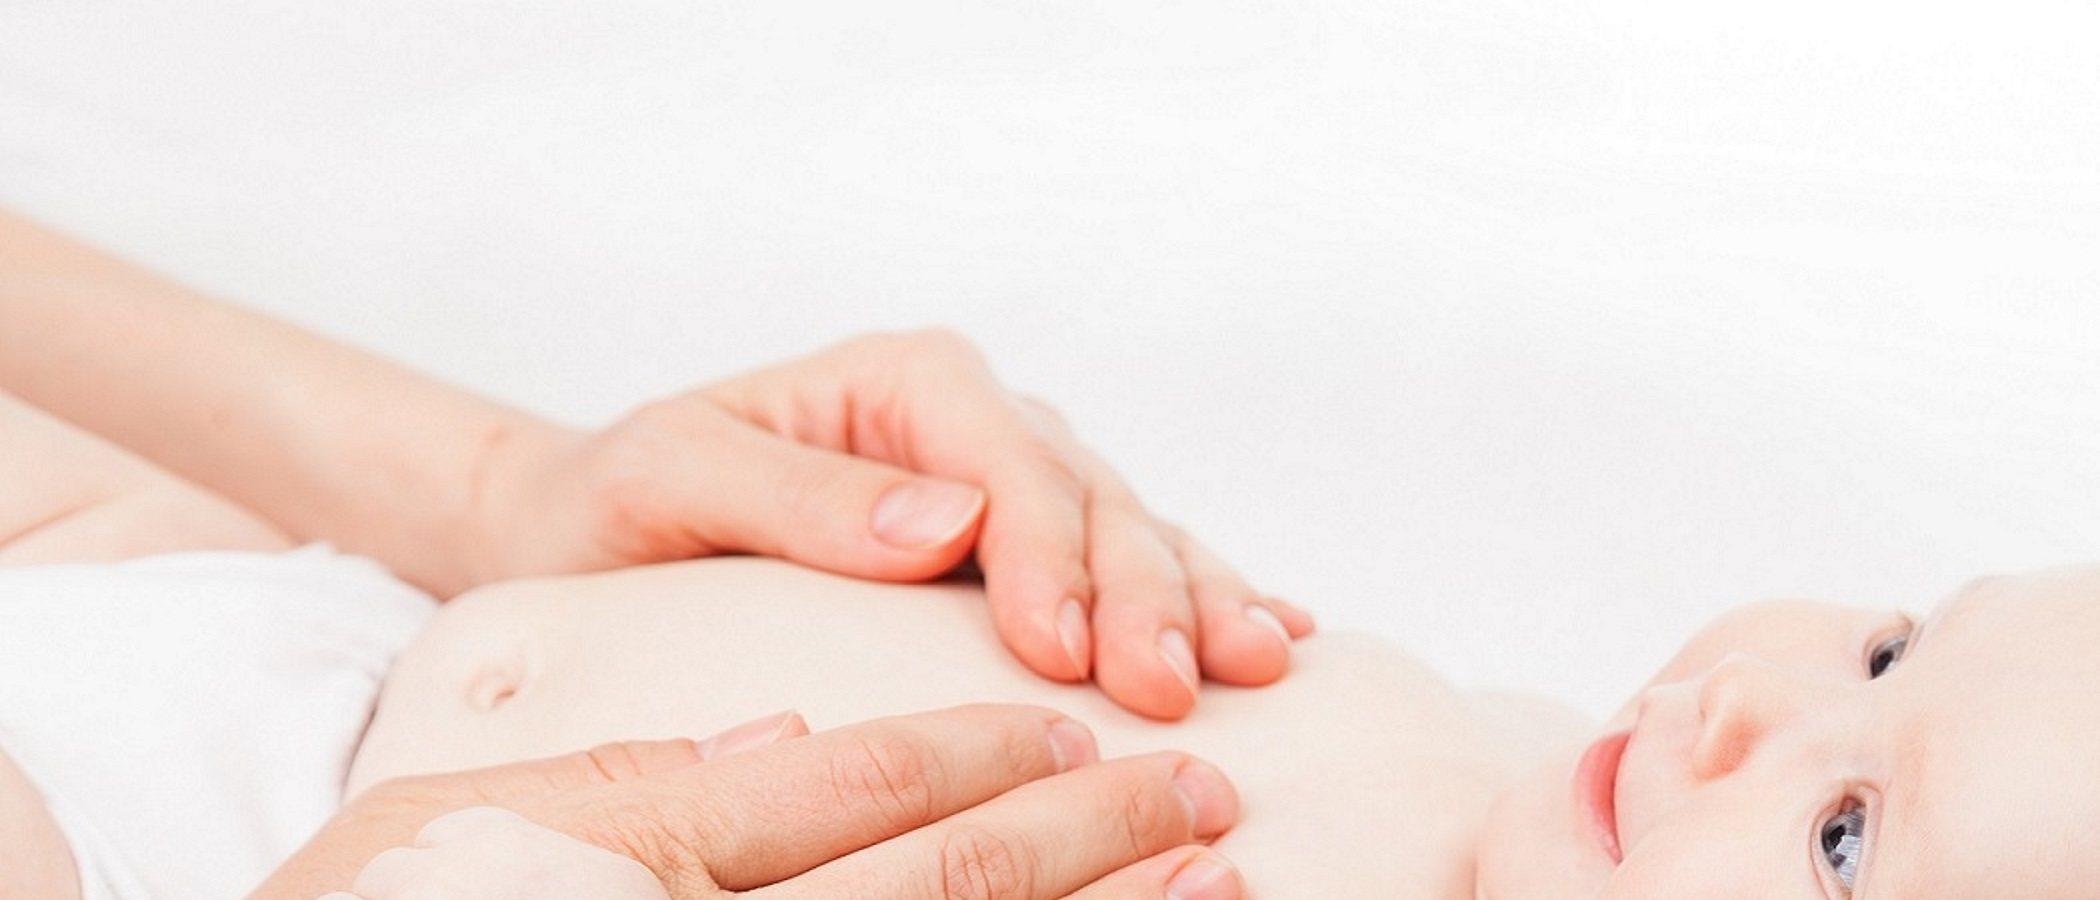 Ejercicios de fuerza para el brazo del bebé